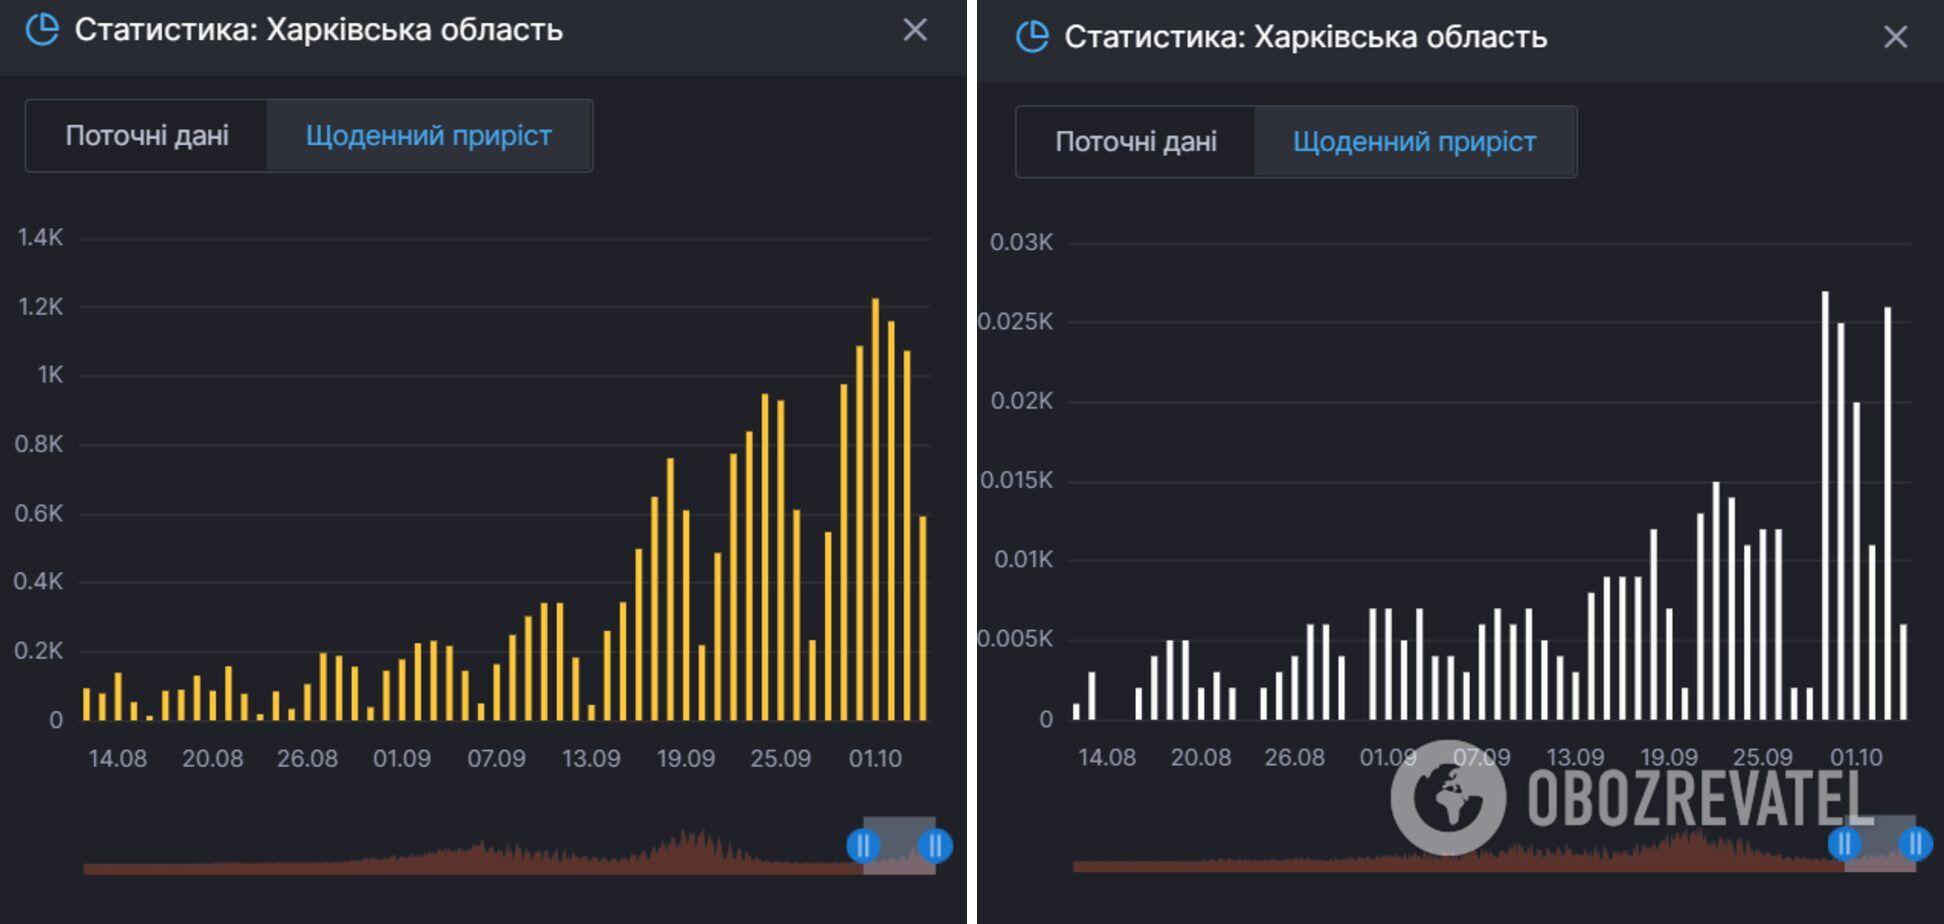 Захворюваність і смертність від коронавірусу в Харківській області.